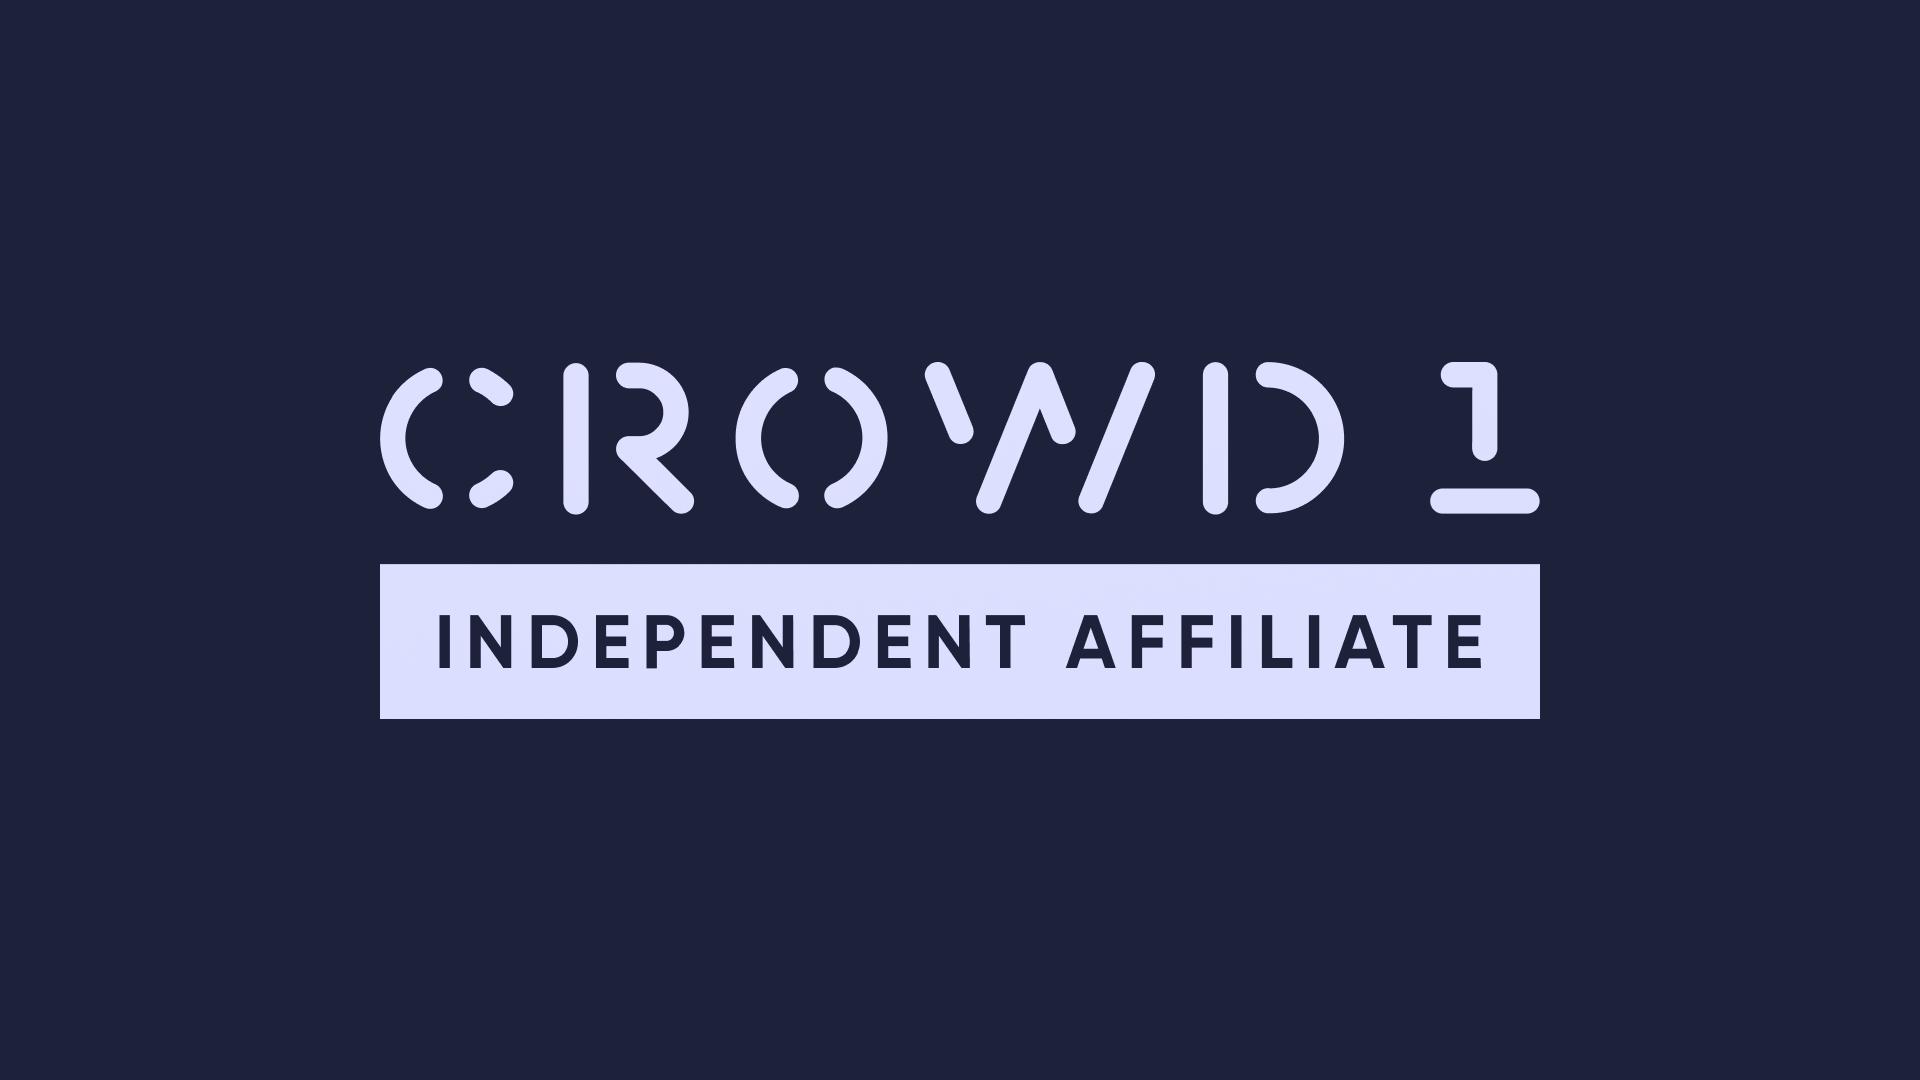 CROWD1, Gagnez énormément d'argent en ayant en plus des d'actions de Sociétés d'avenir